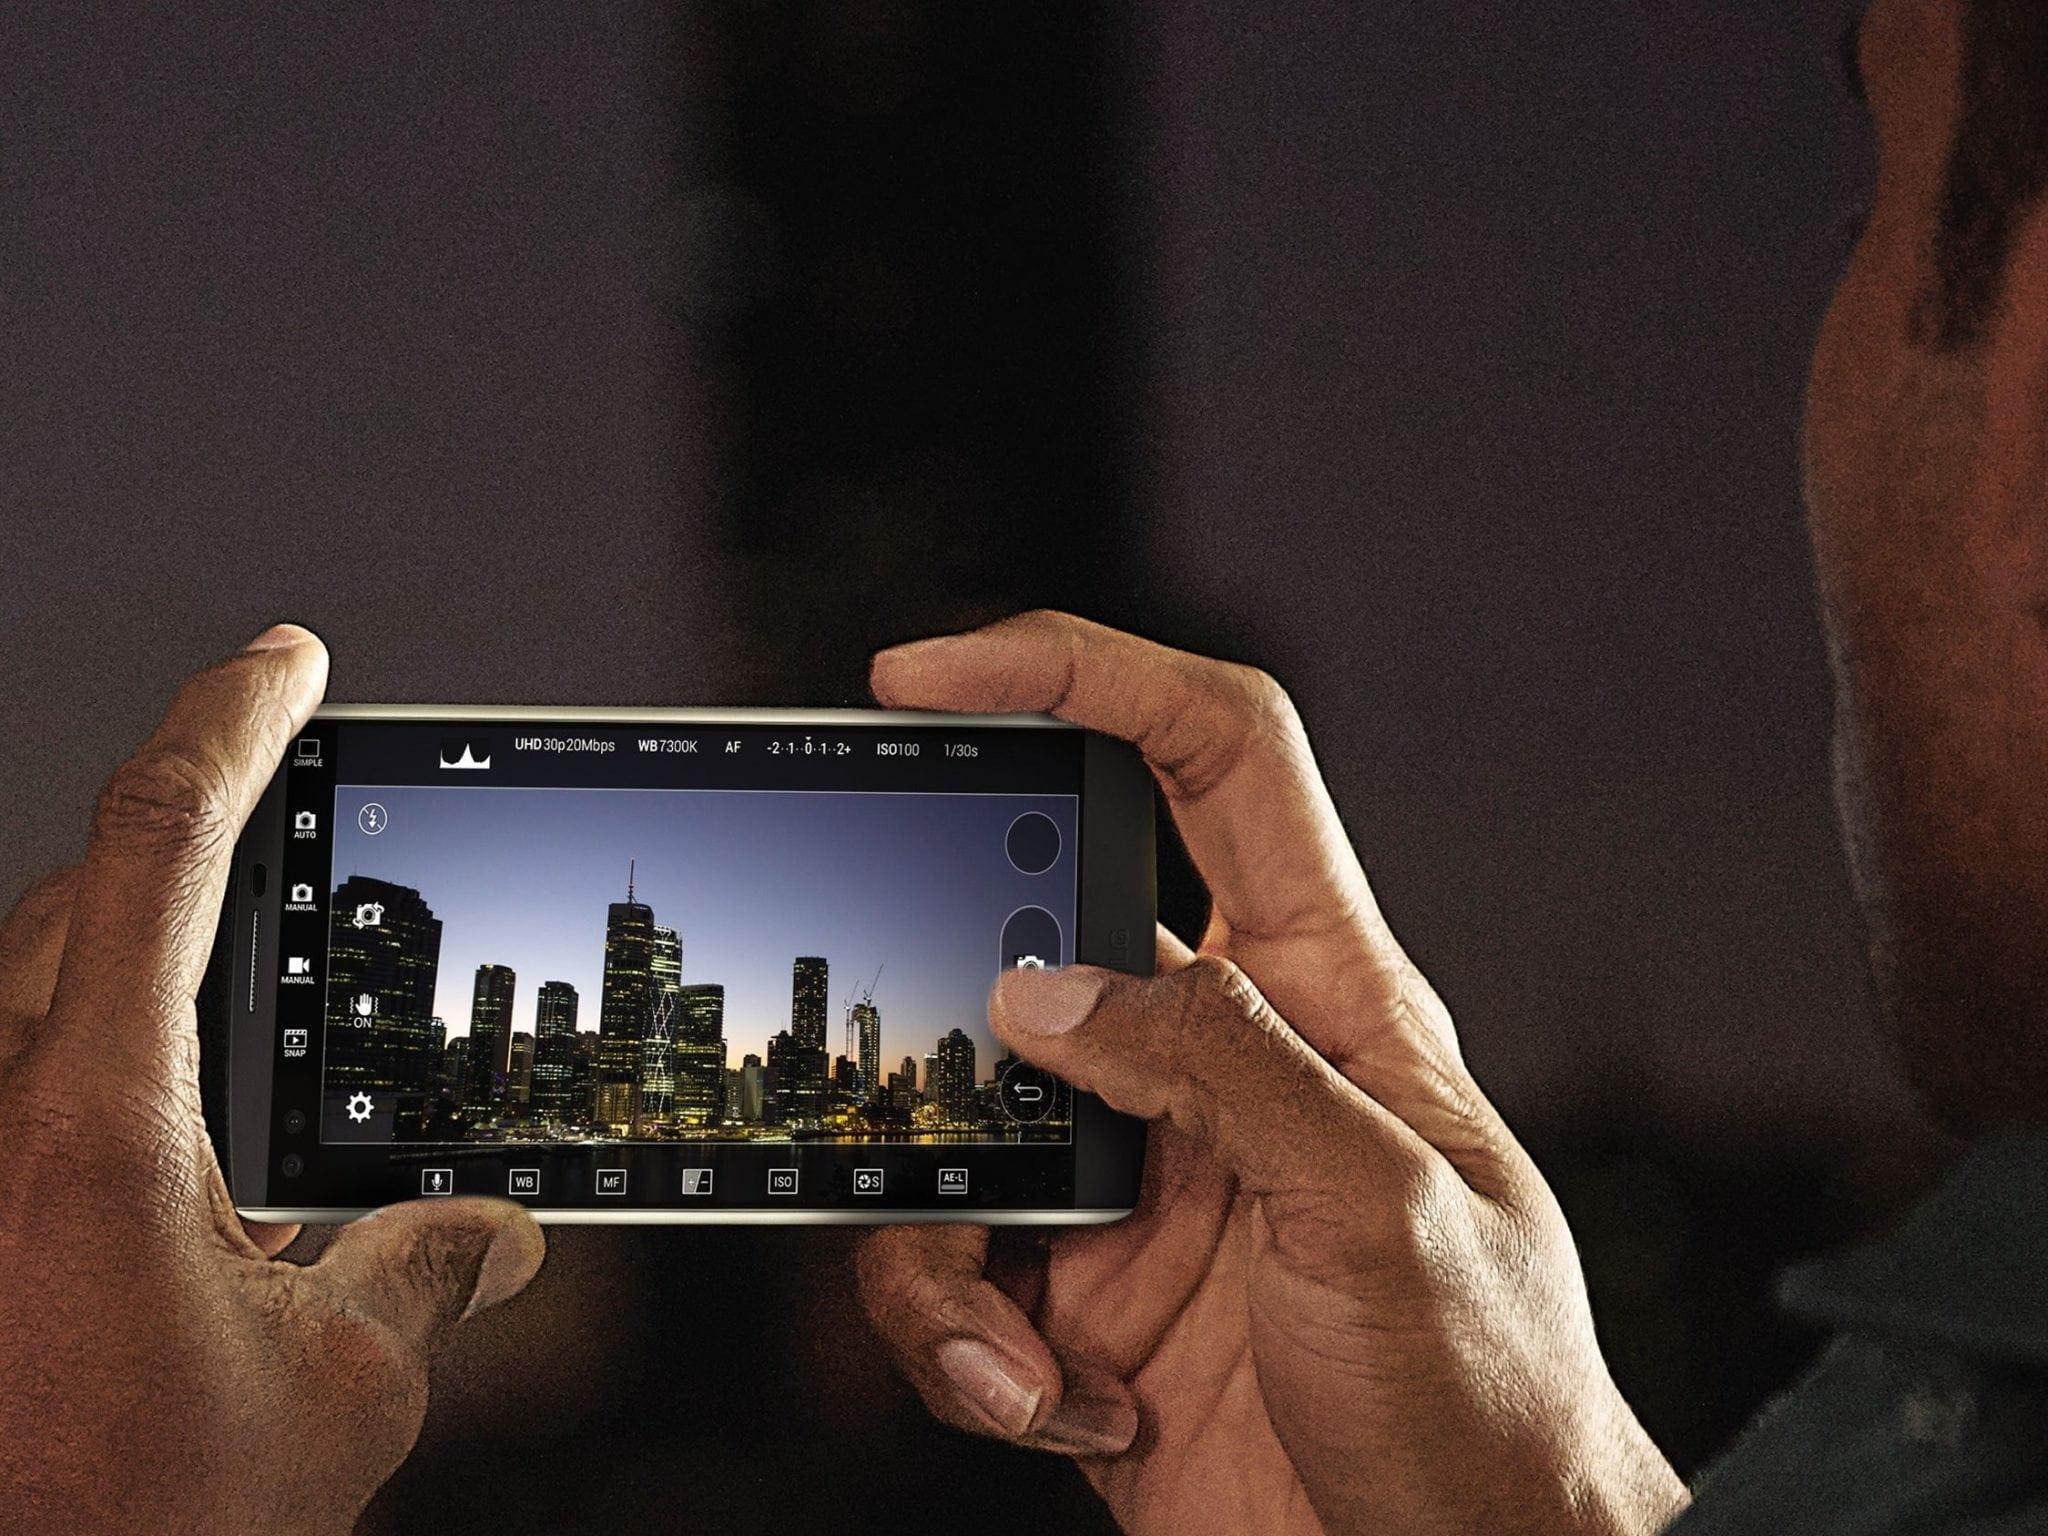 Totul despre LG V10 – în prezentare video!